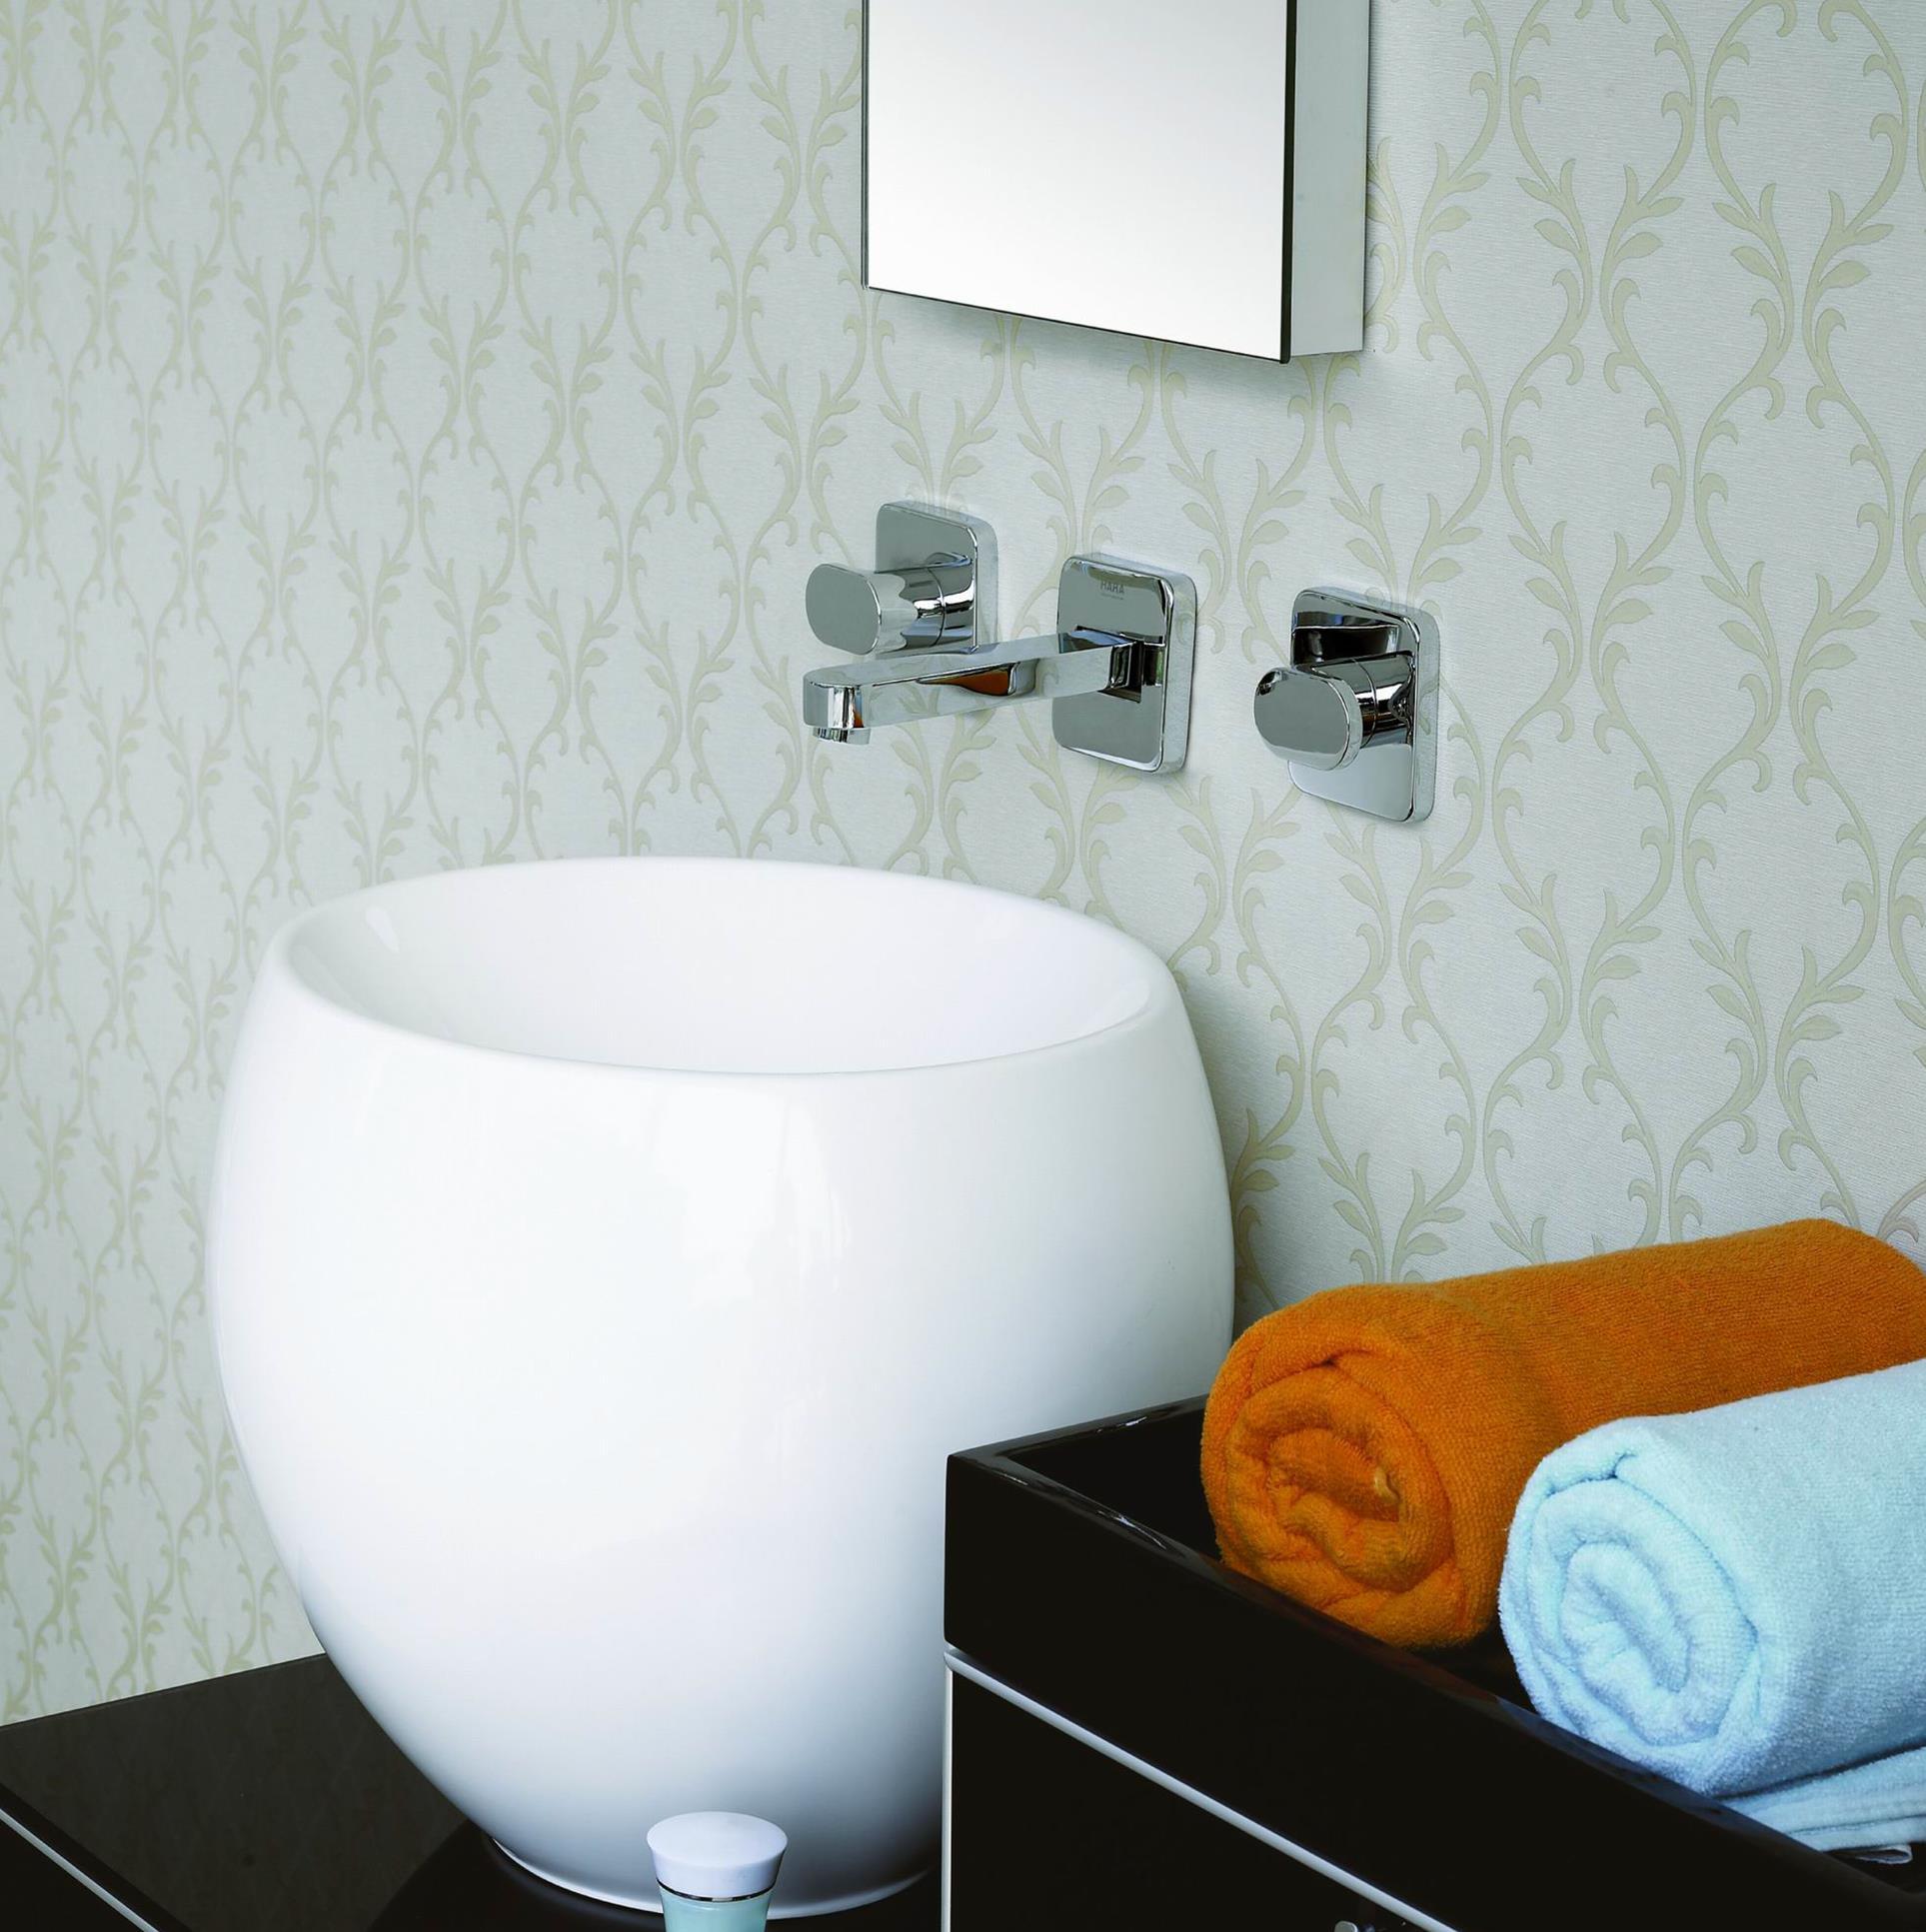 Premium Bathroom Faucet In Singapore